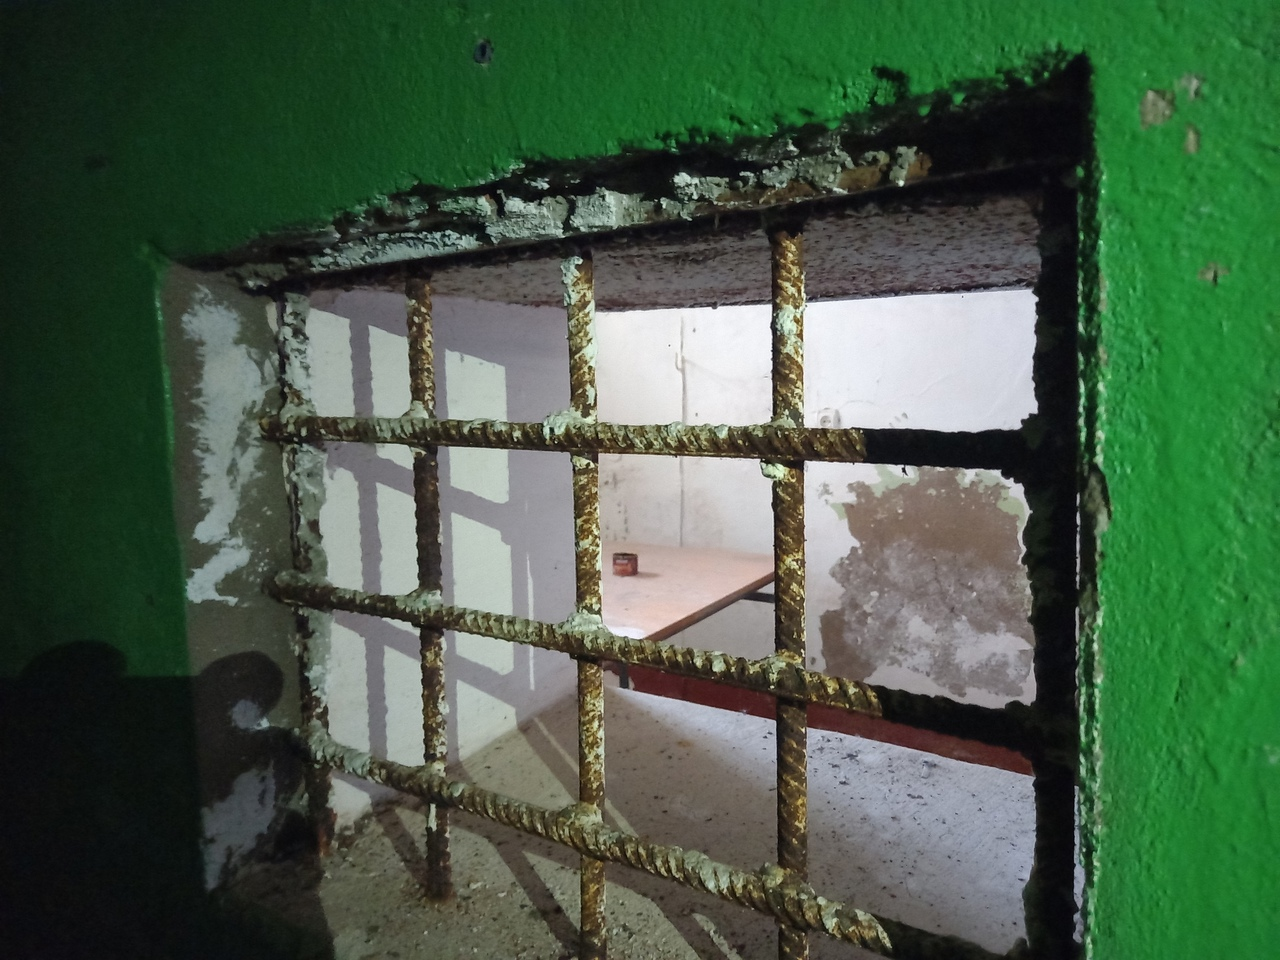 ПО ПРОСТОРАМ НАШЕЙ РОДИНЫ. Заброшенная старинная тюрьма в Старой Руссе (Новгородская область).